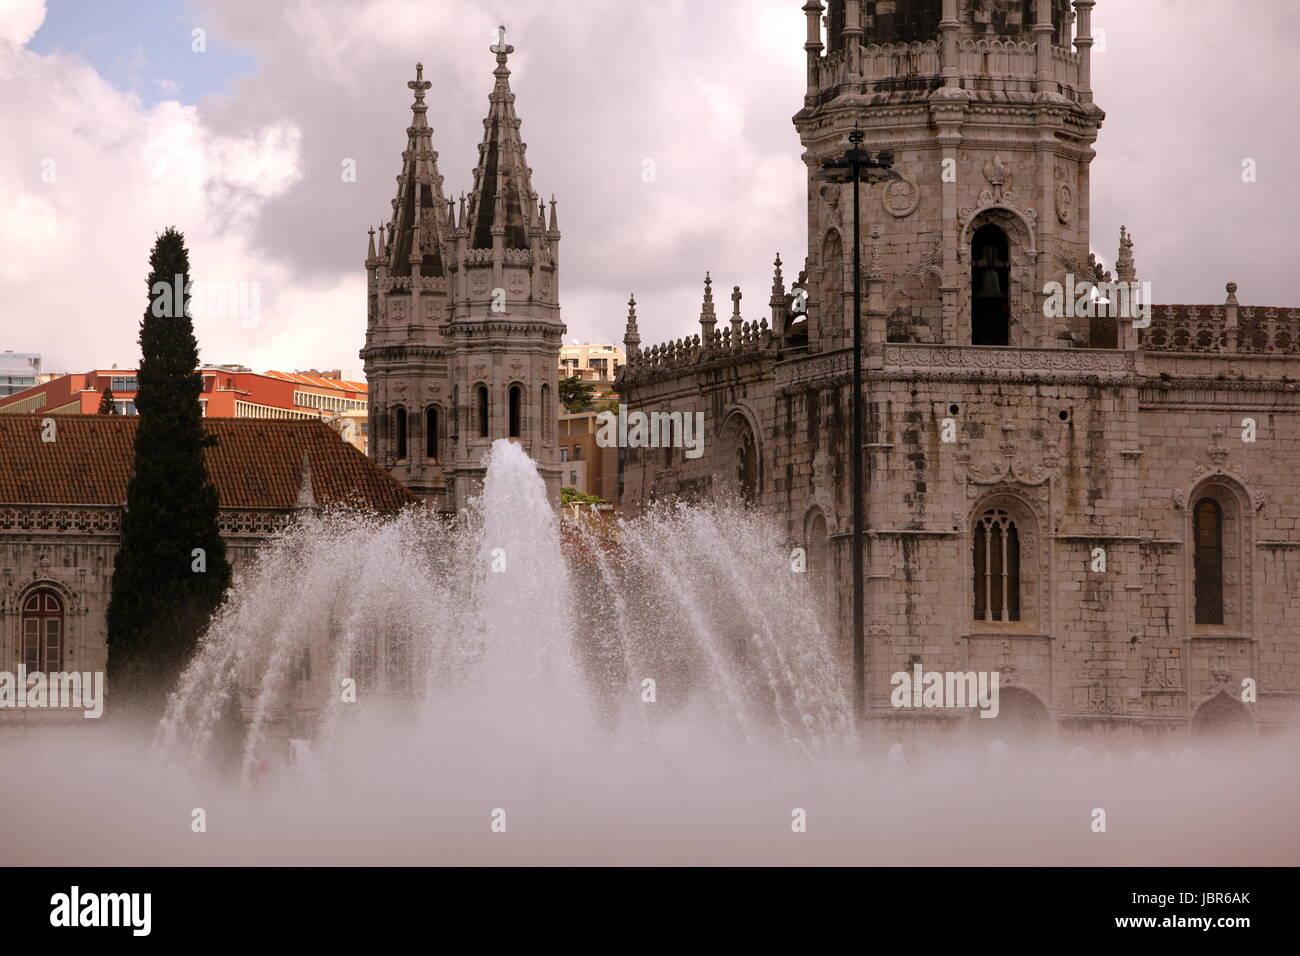 Europa, Westeuropa, EU, Euro, Portugal, Lissabon, Belem, Kloster, Jeronimus,   (Urs Flueeler) - Stock Image